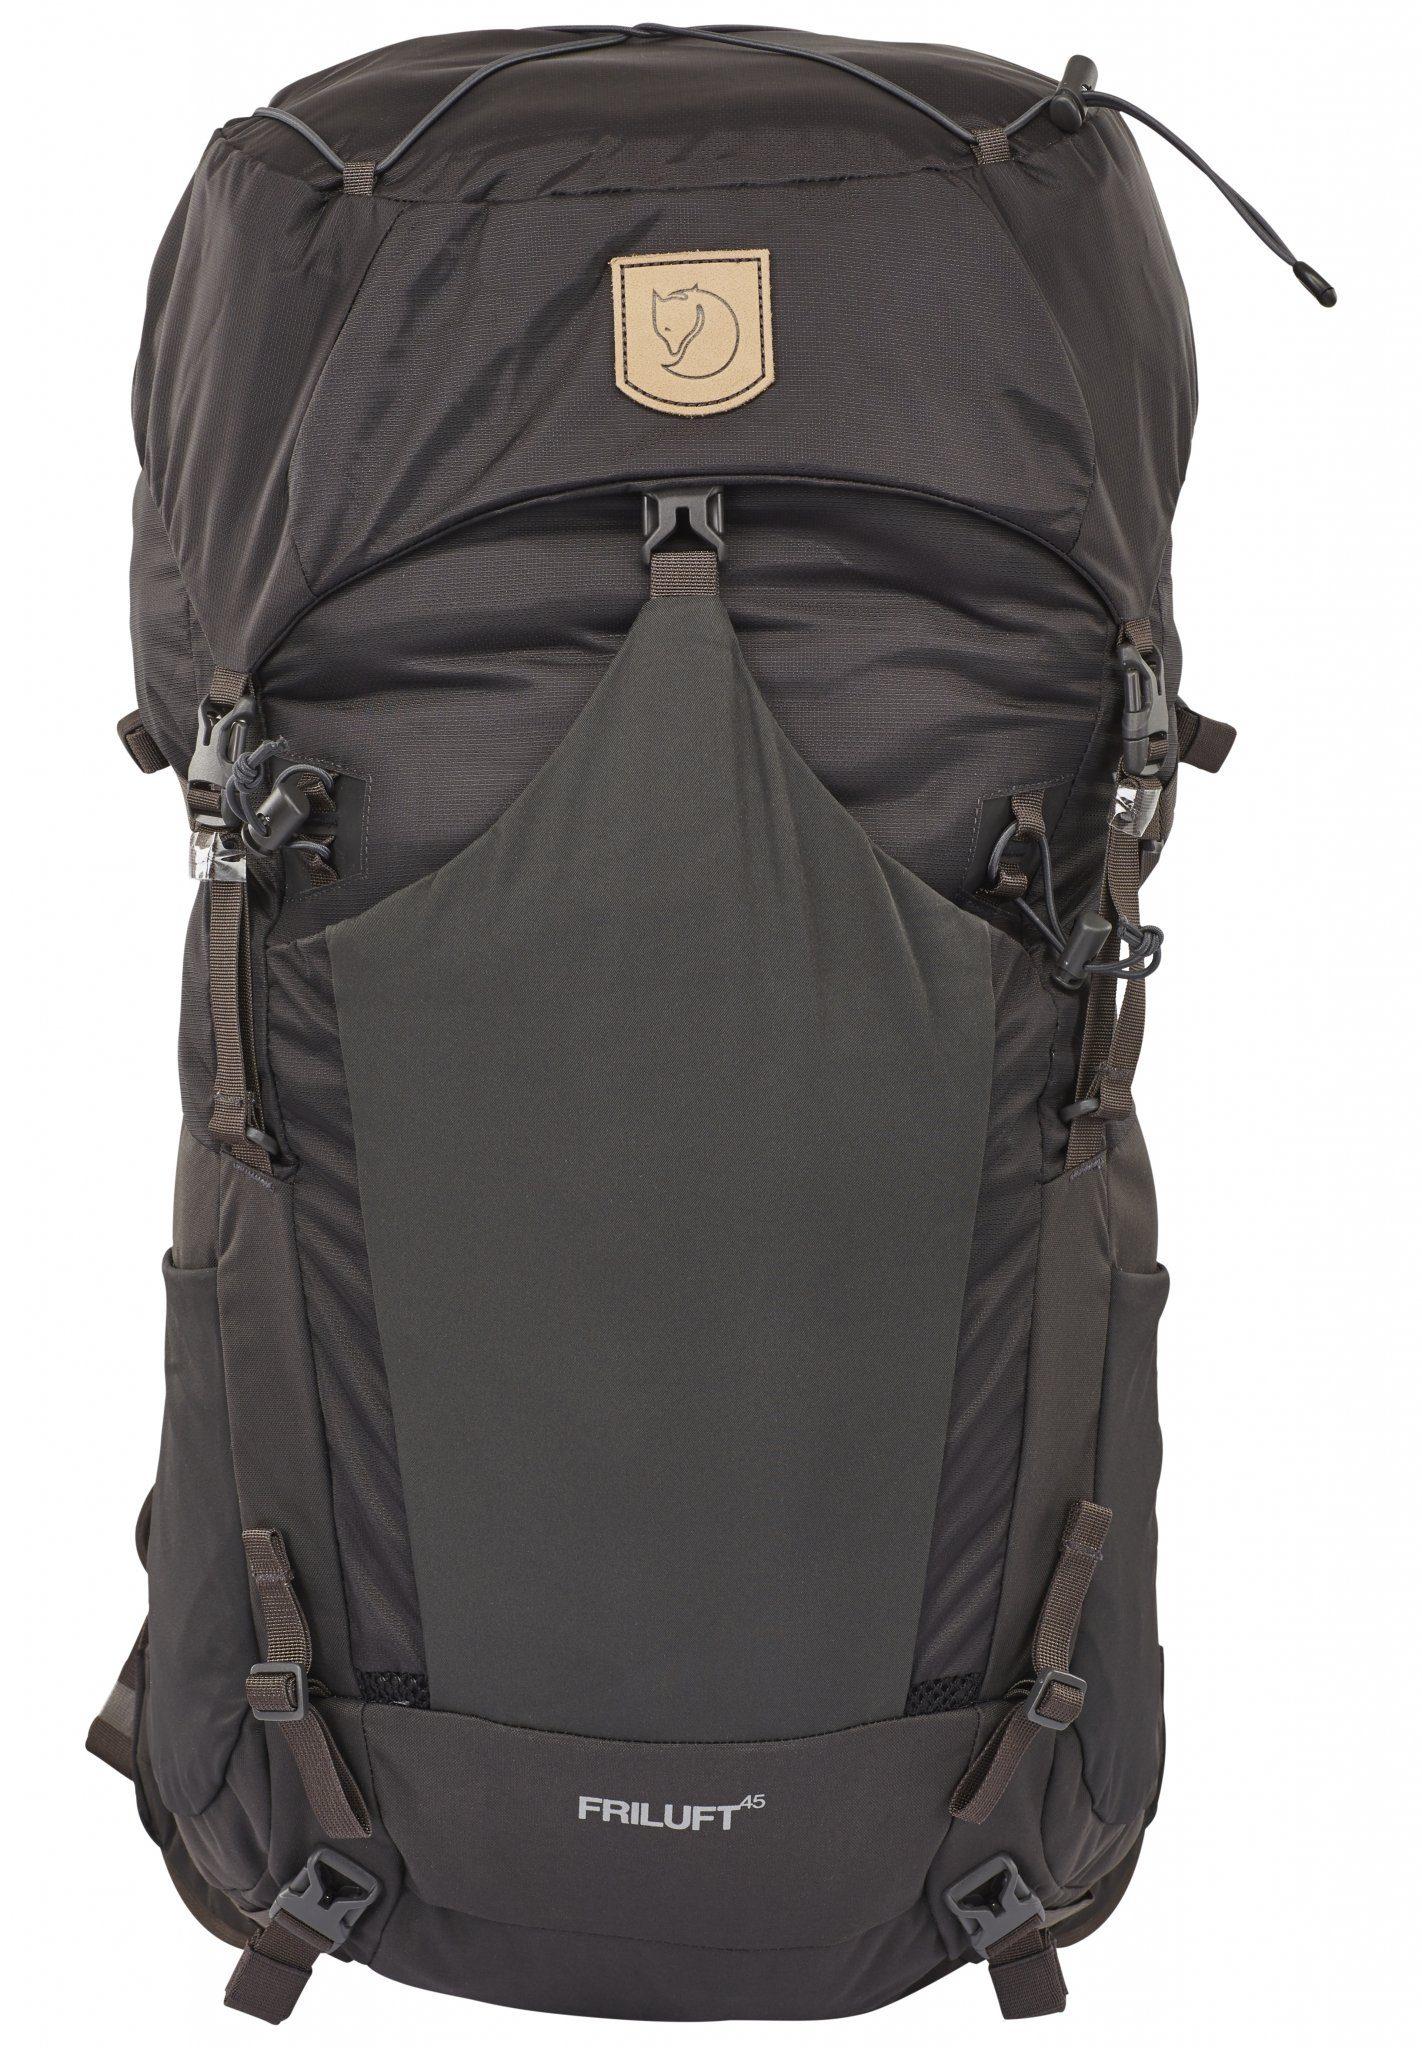 Fjällräven Sport- und Freizeittasche »Friluft 45 Backpack«